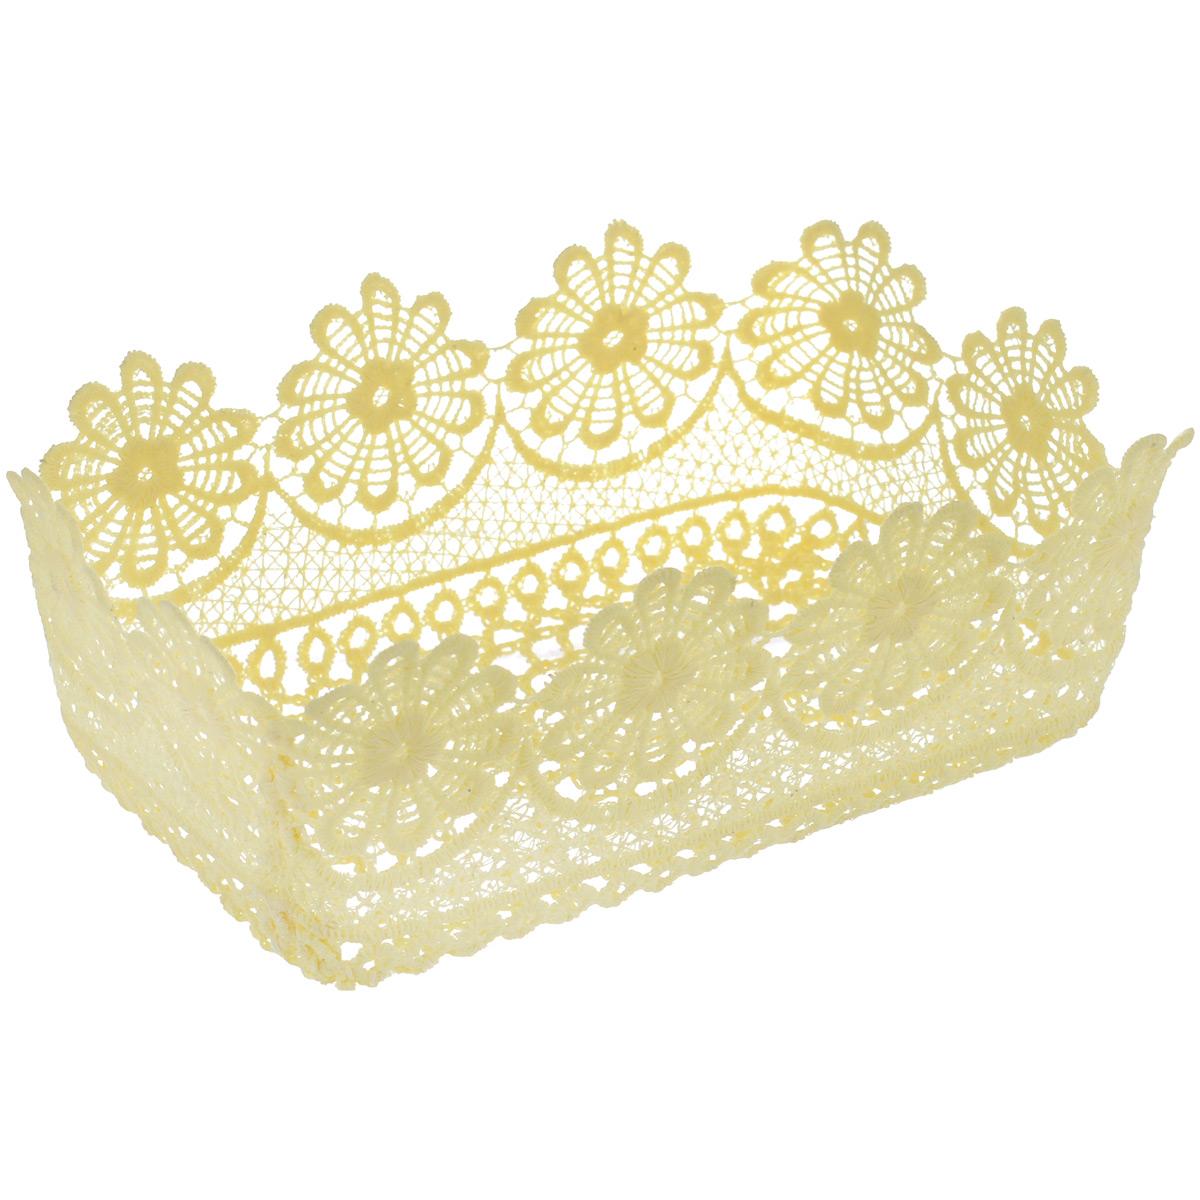 Корзина декоративная Home Queen Прямоугольная. Ромашки, цвет: кремовый, 21 х 13 х 8 см64339_1Декоративная корзина Home Queen Прямоугольная. Ромашки, выполненная из полиэстера, предназначена для хранения различных мелочей и аксессуаров. Изделие имеет красивую перфорацию по всей поверхности и ажурные края.Такая корзина станет оригинальным и необычным подарком или украшением интерьера. Размер корзины: 21 х 13 х 8 см.Размер дна: 18 х 10,5 см.